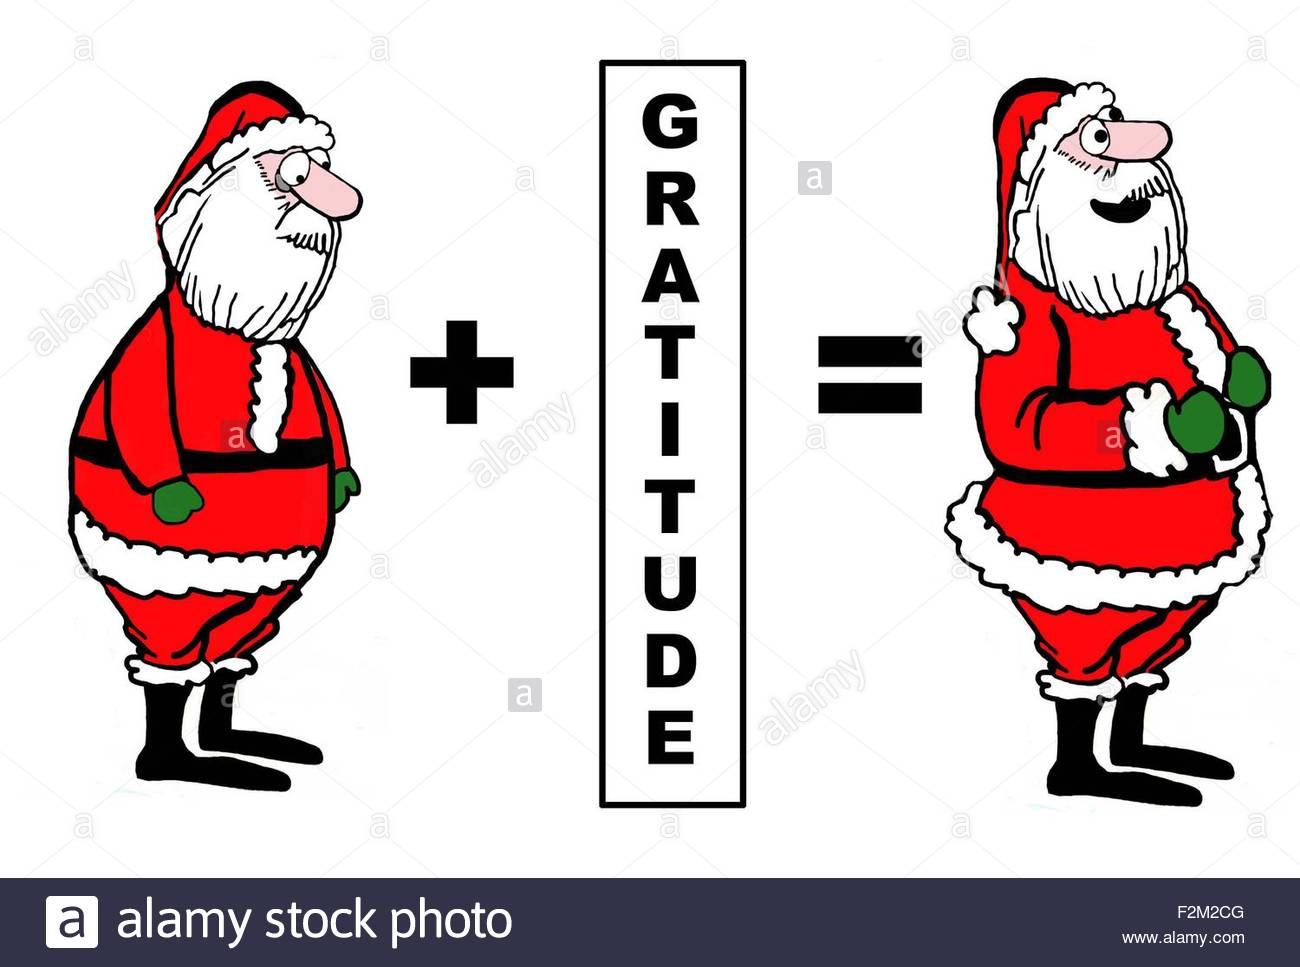 Weihnachten Cartoon zeigt einen niedergeschlagenen Weihnachtsmann ...